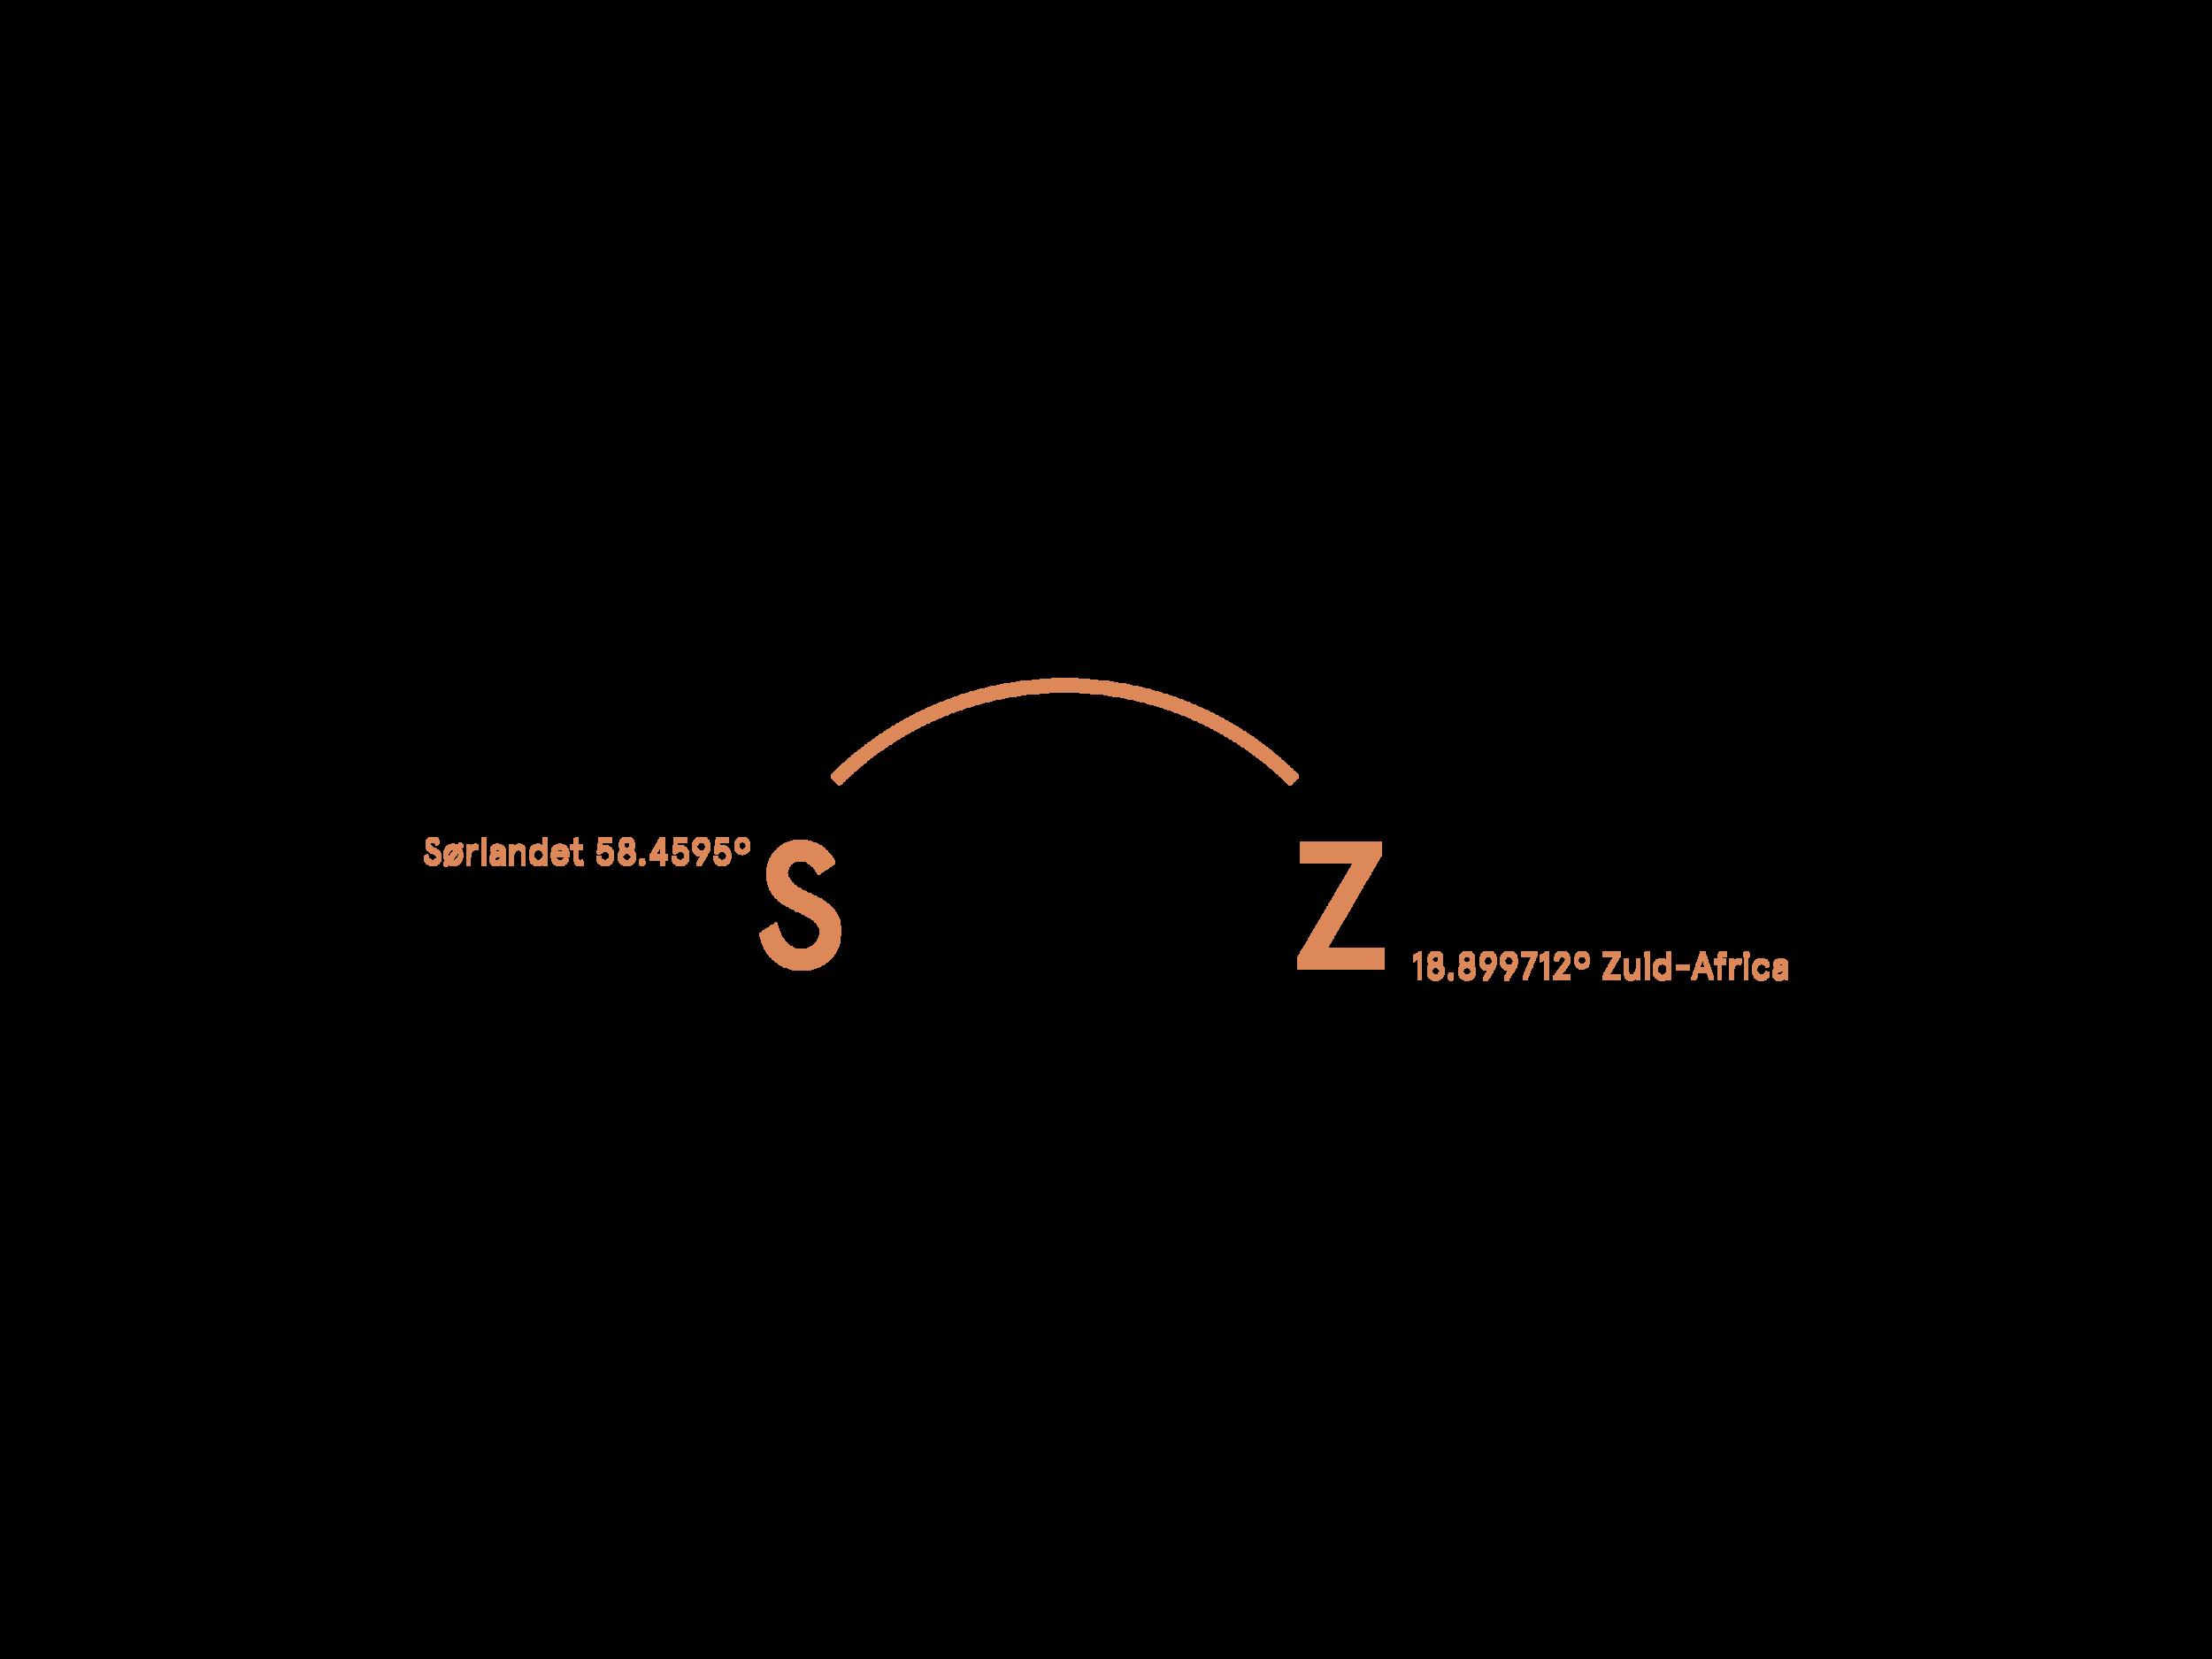 shiraz2.png